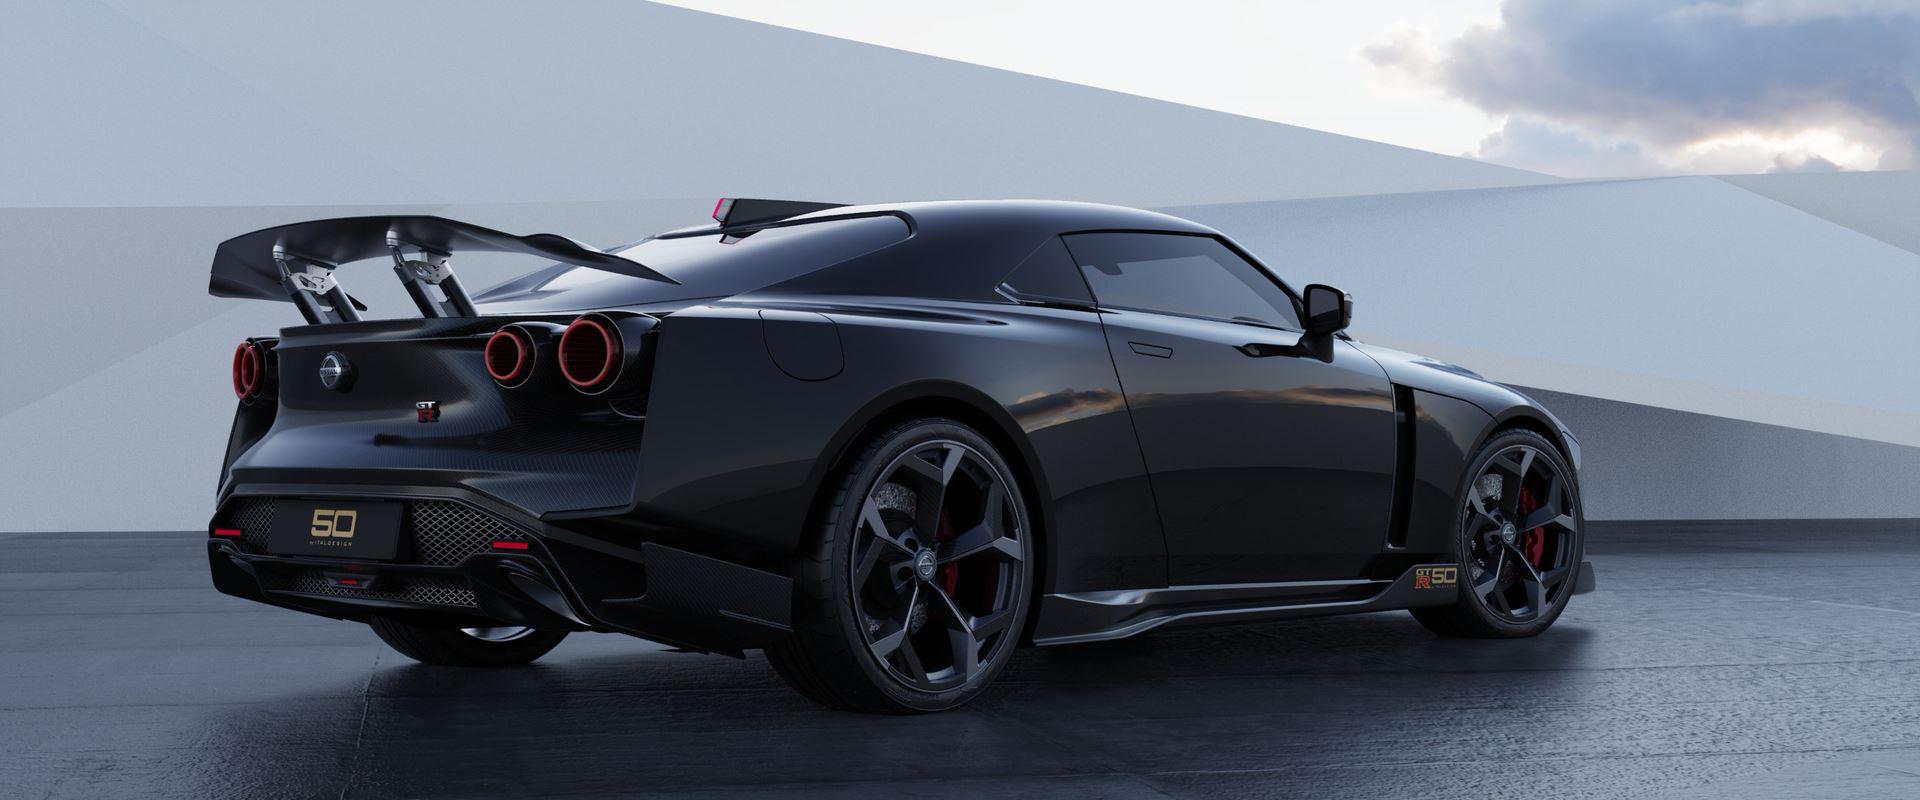 Dynamik und Adrenalin sind garantiert: In der Spitze erreicht der Nissan GT-R 315 km/h